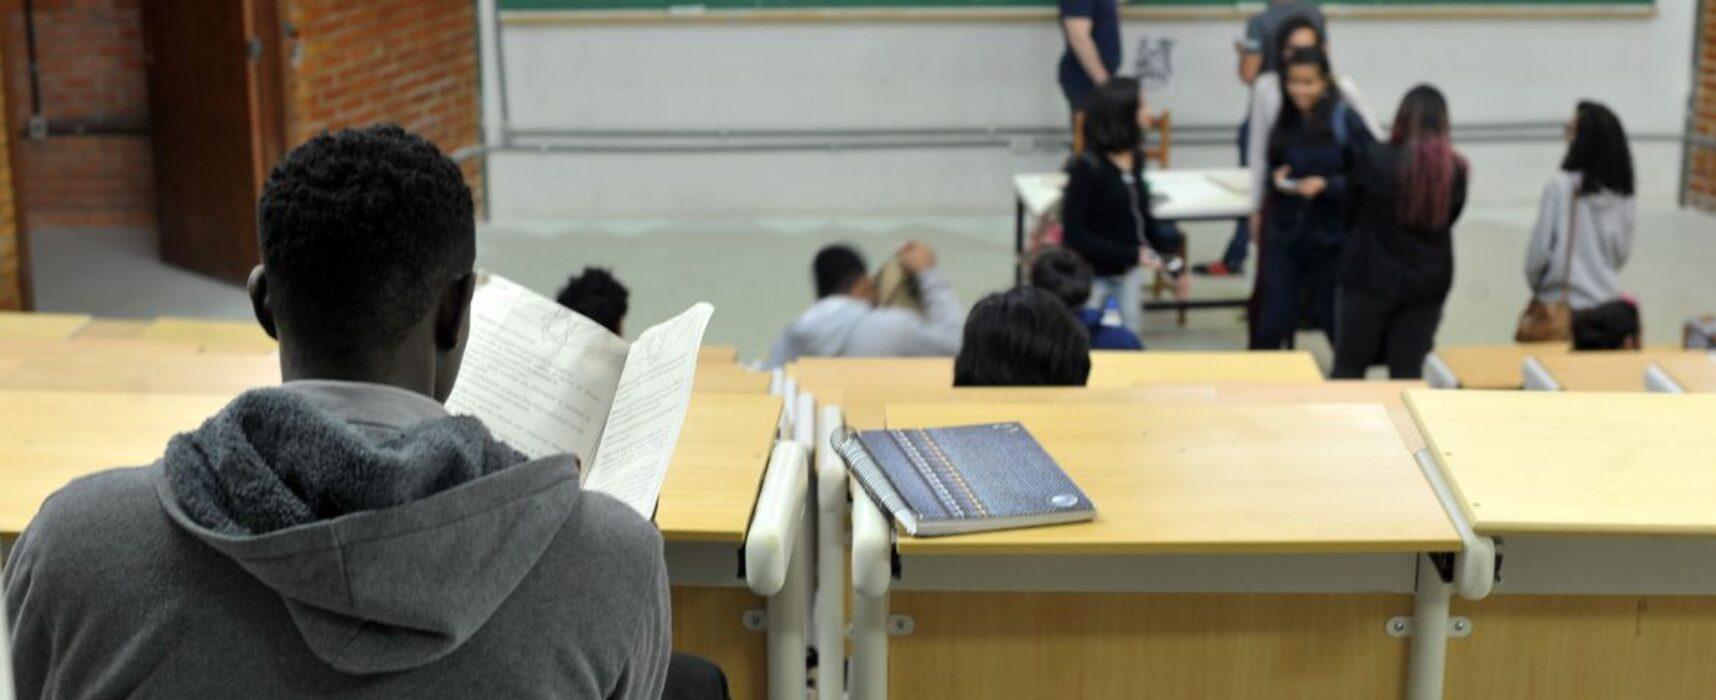 Faculdade de Feira de Santana realiza vestibular solidário